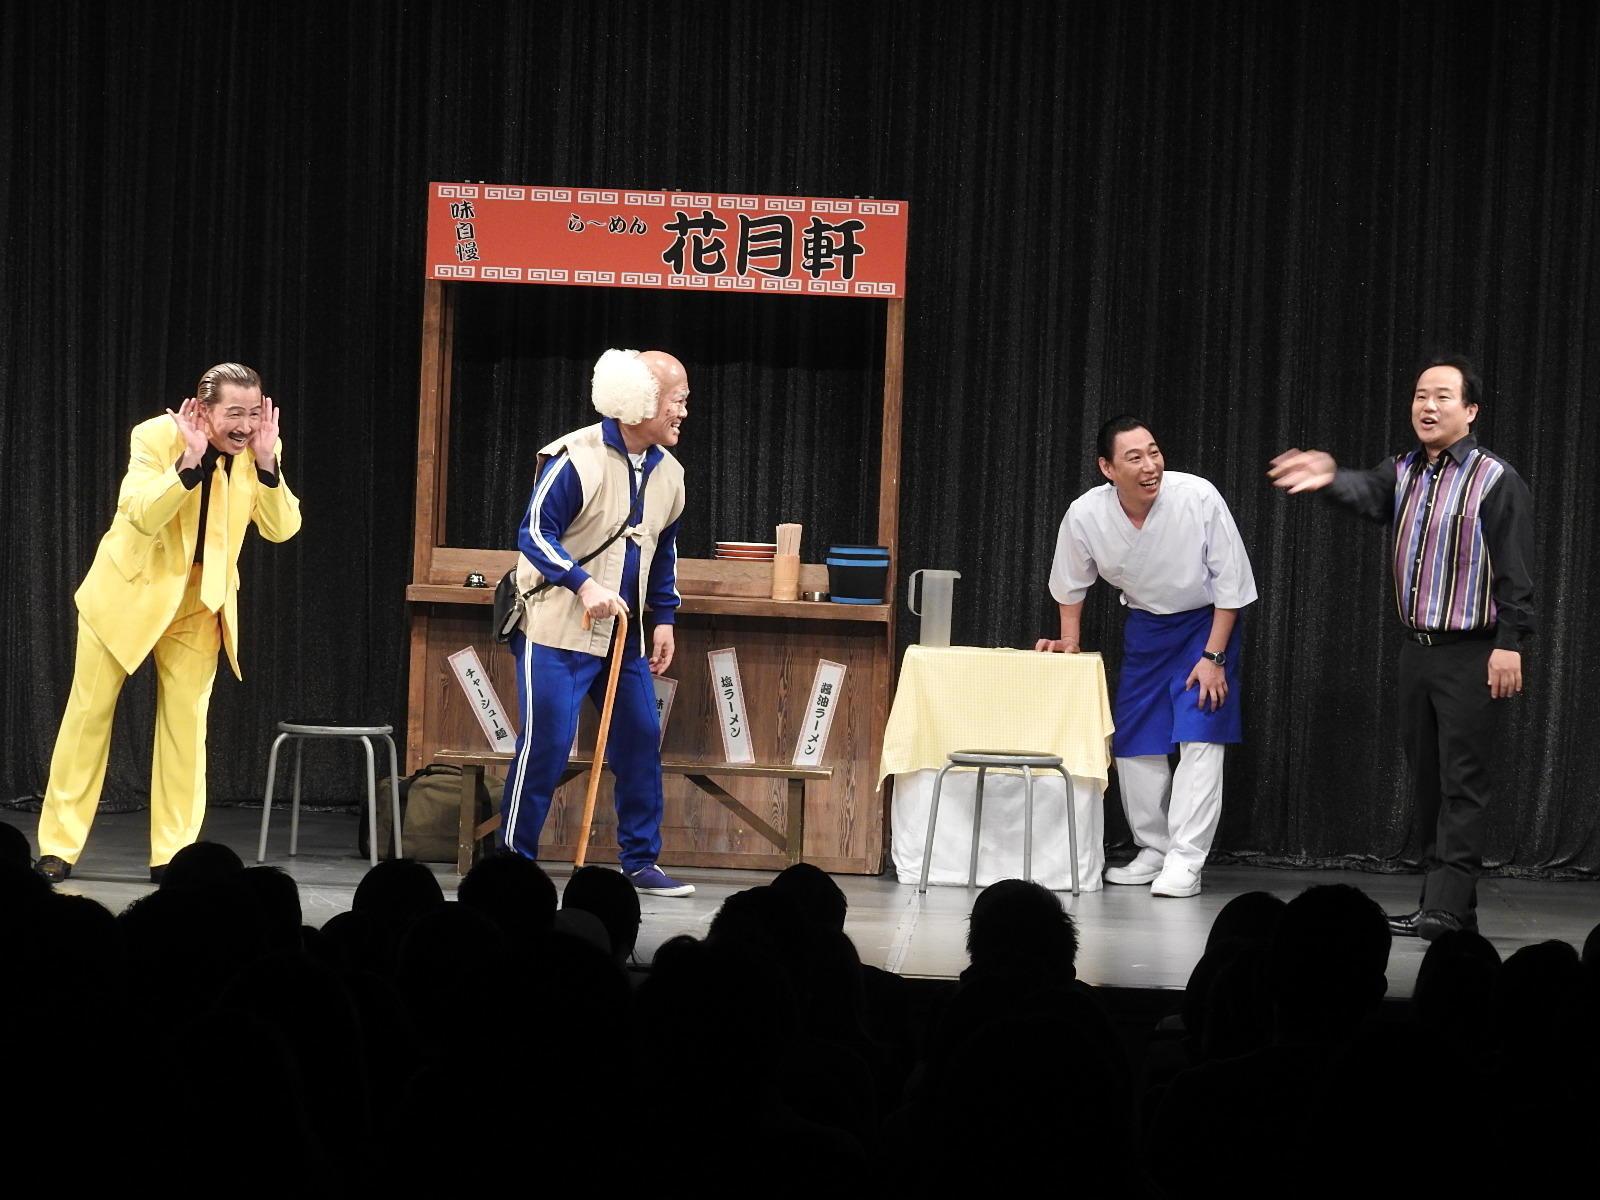 http://news.yoshimoto.co.jp/20171108143216-96a2a305012346ad20fea3dbc60dc81ff3b101d4.jpg